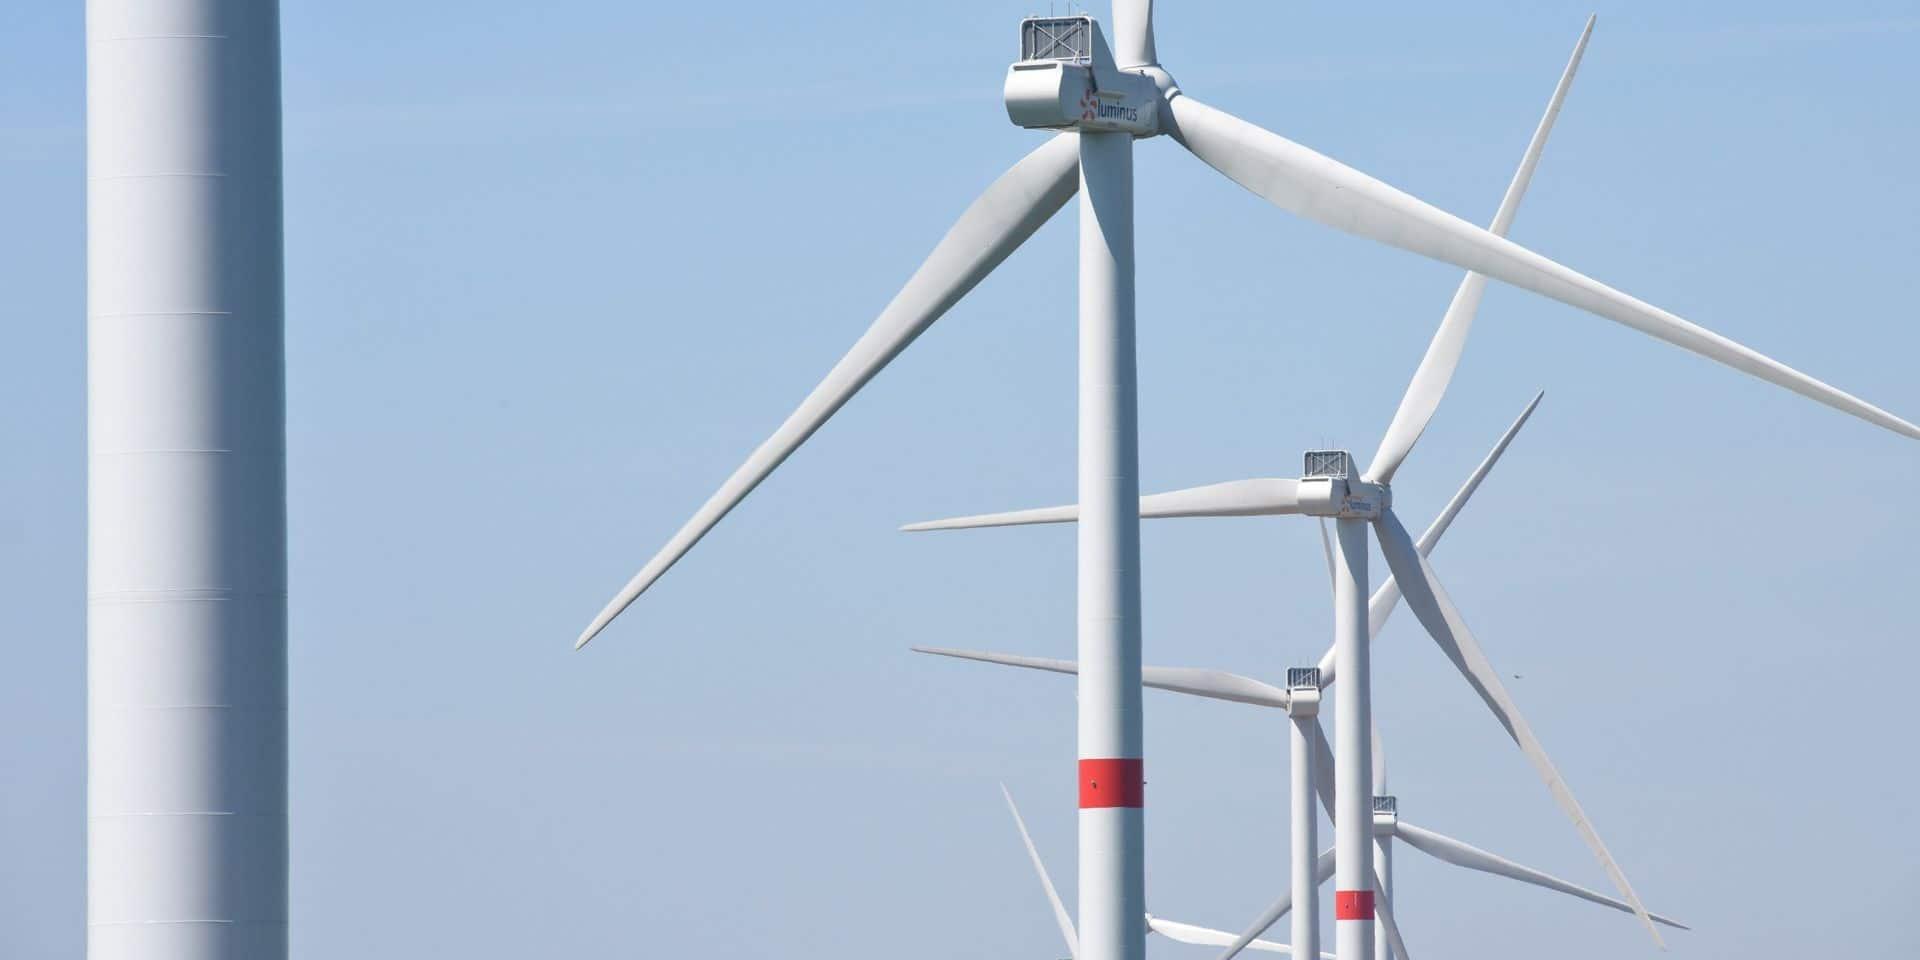 Ineos signe le plus grand contrat d'achat d'énergie éolienne pour l'industrie lourde jamais conclu en Belgique